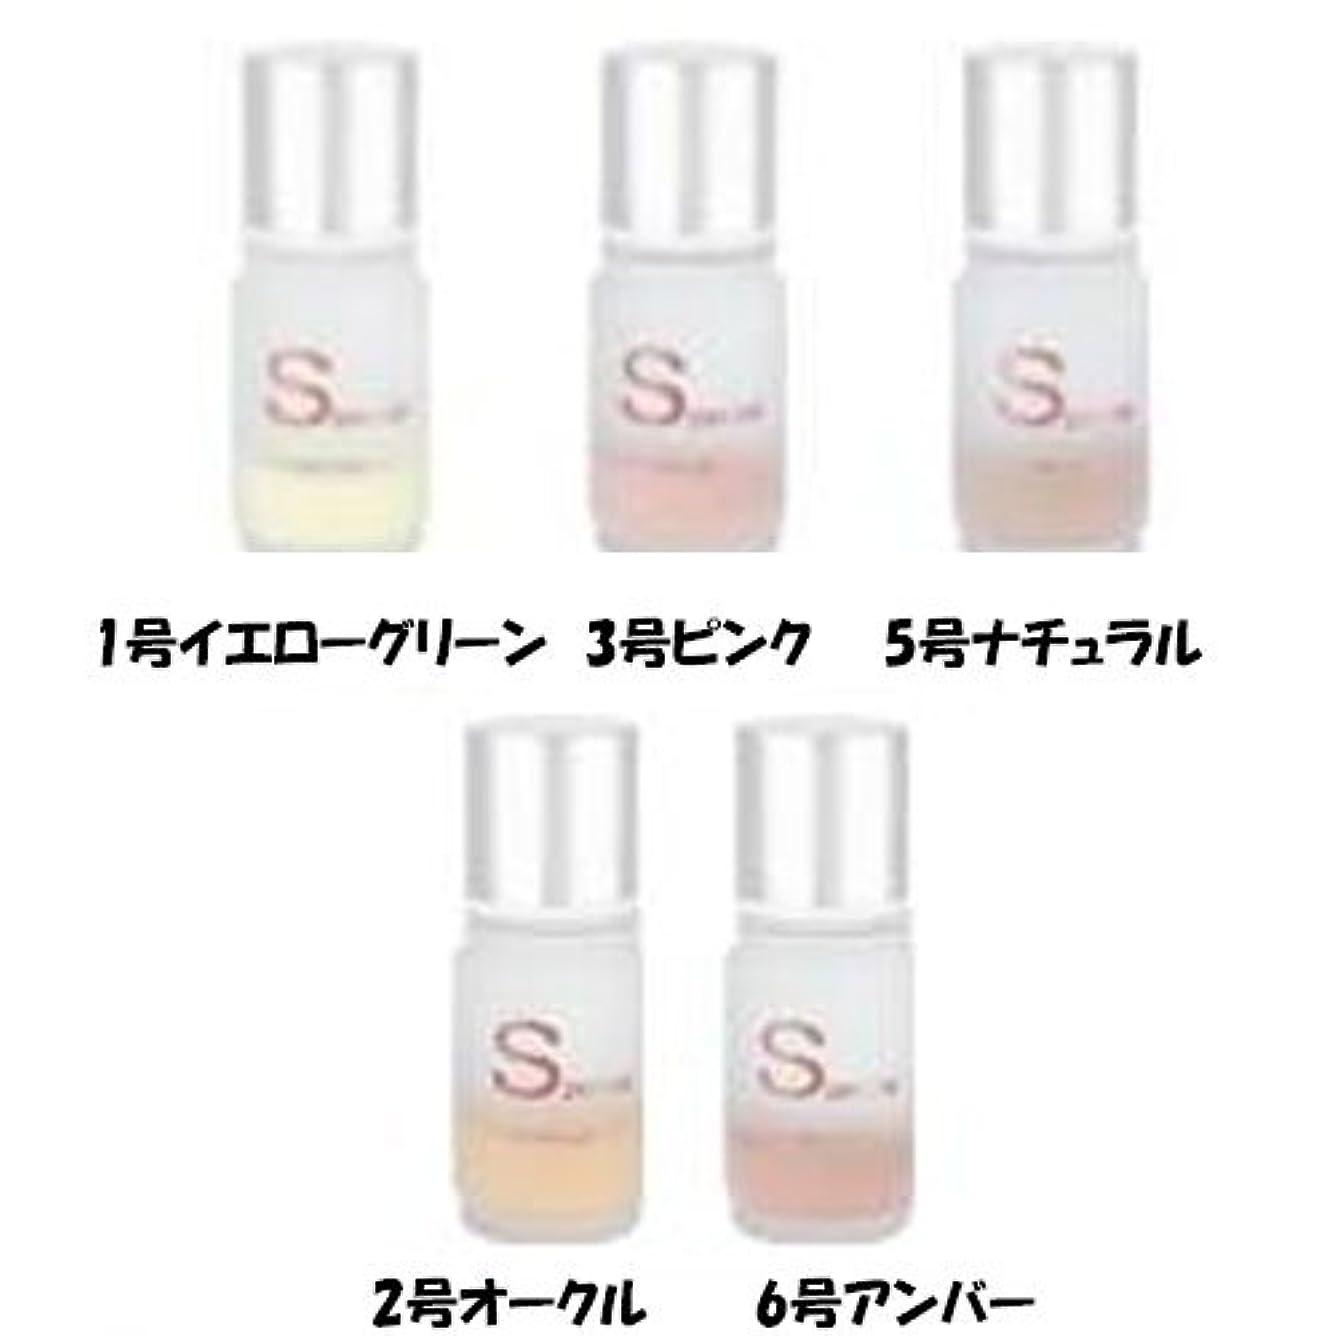 花婿反対出版ジュポン スペシャルファンデーションS 30mL (3 ピンク)